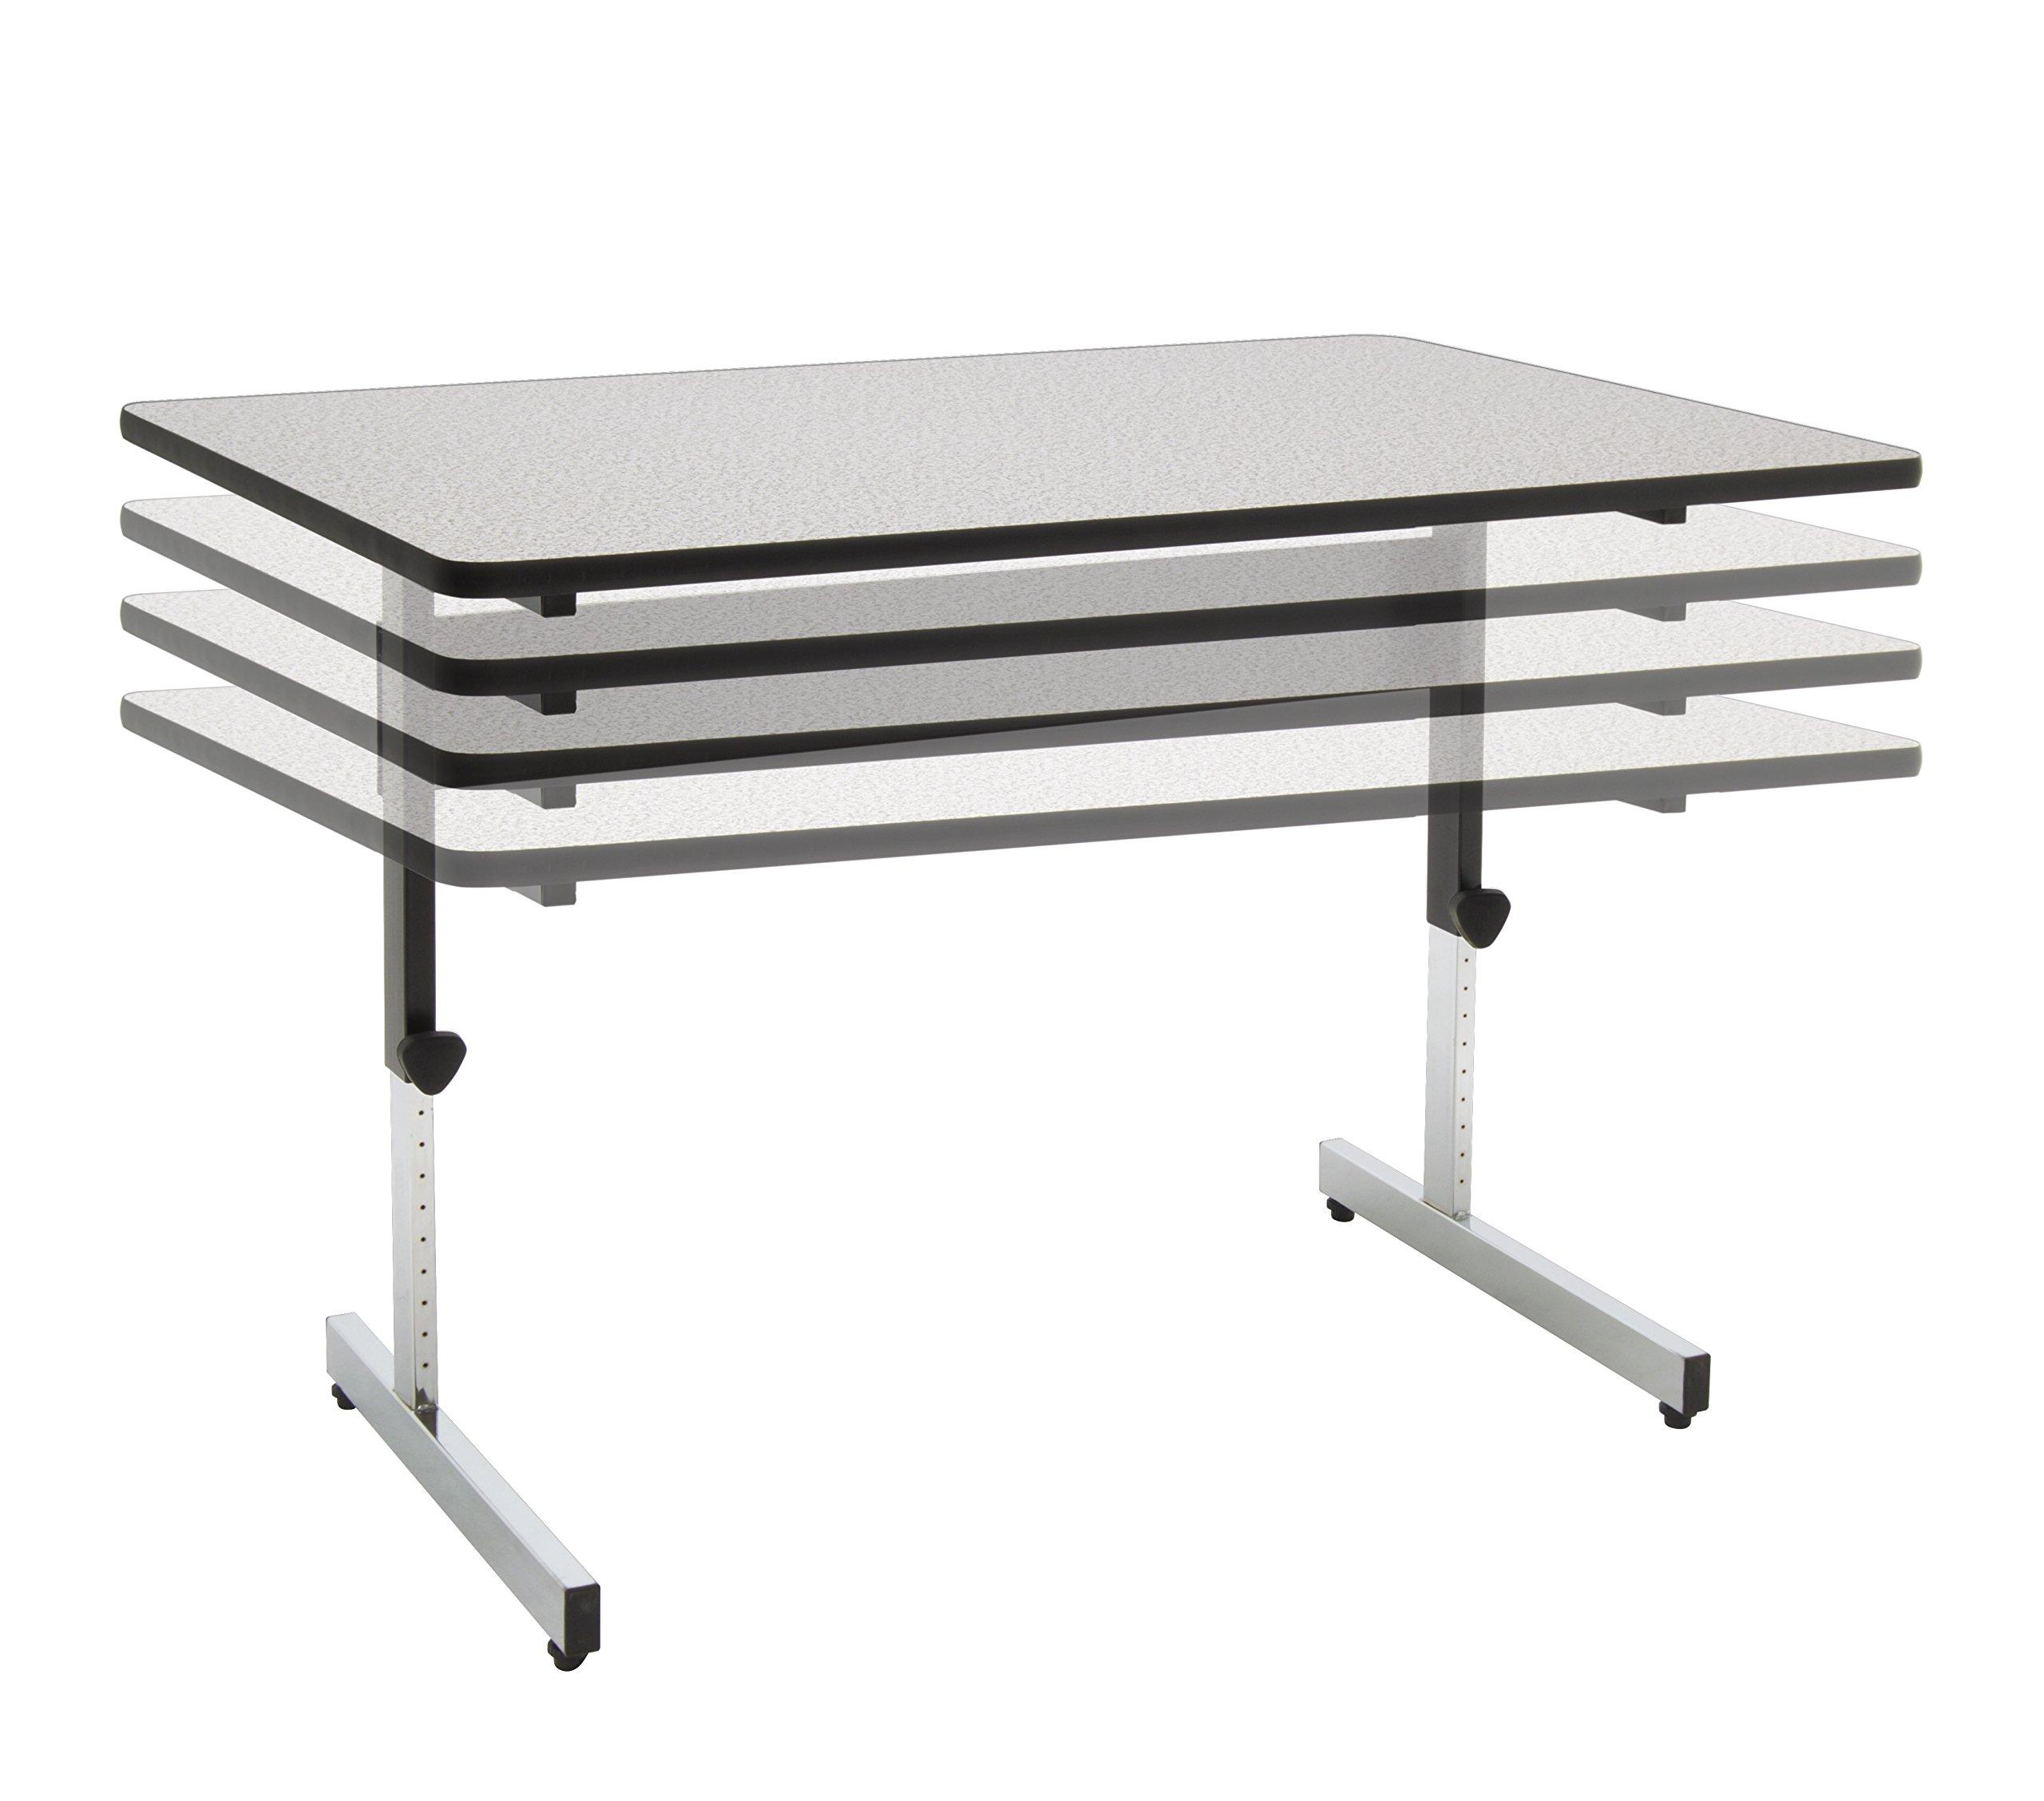 Calico Designs 410382.0 Adapta Desk, 48'', Black/Spatter Gray by Calico Designs (Image #3)